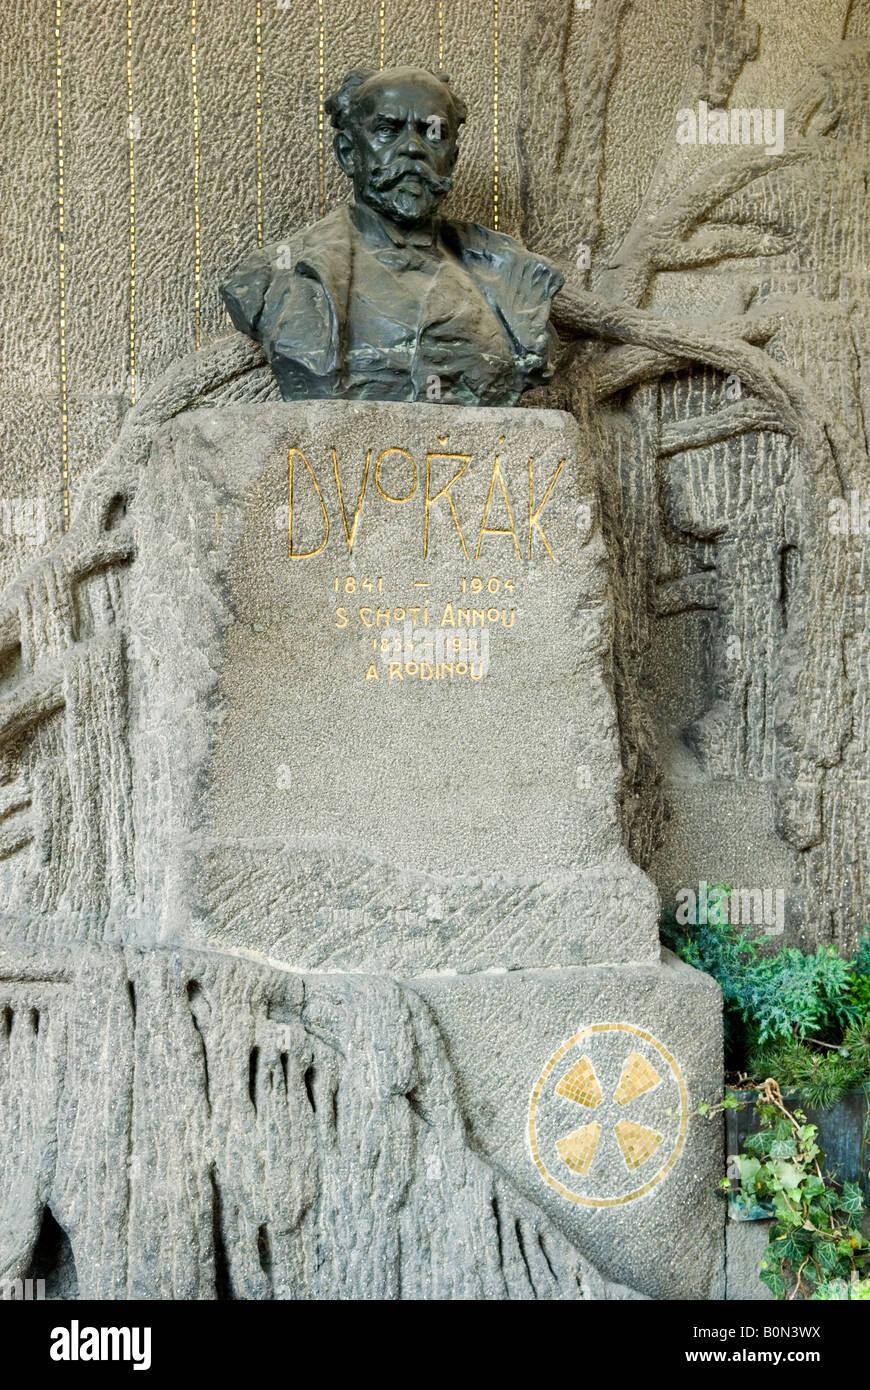 Grave of antonin dvorak vysehrad cemetery prague stock for Mobel dvorak